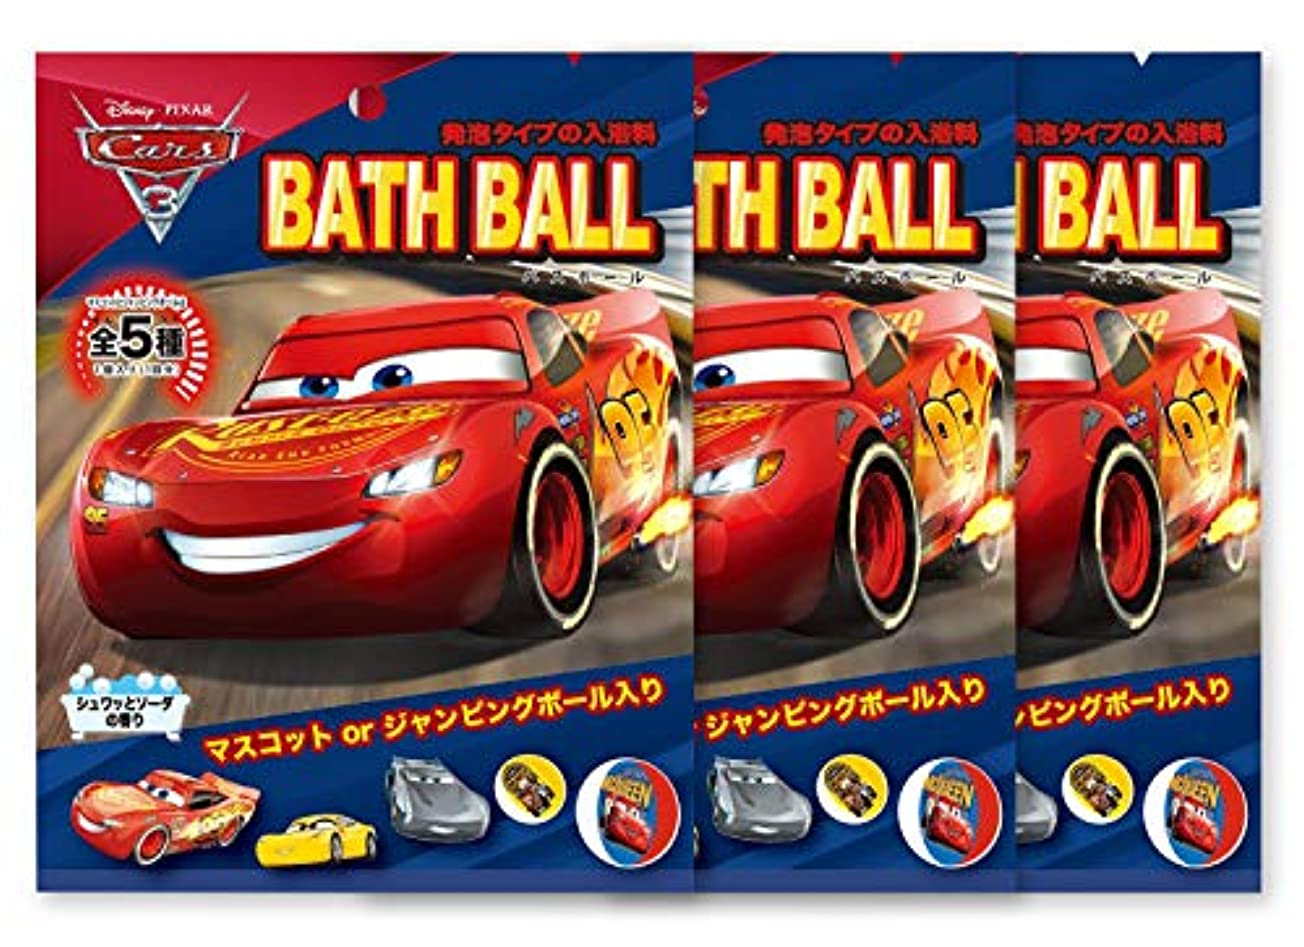 ロデオおじさん皿ディズニー 入浴剤 カーズ3 バスボール おまけ付き ソーダの香り 60g 3個セット